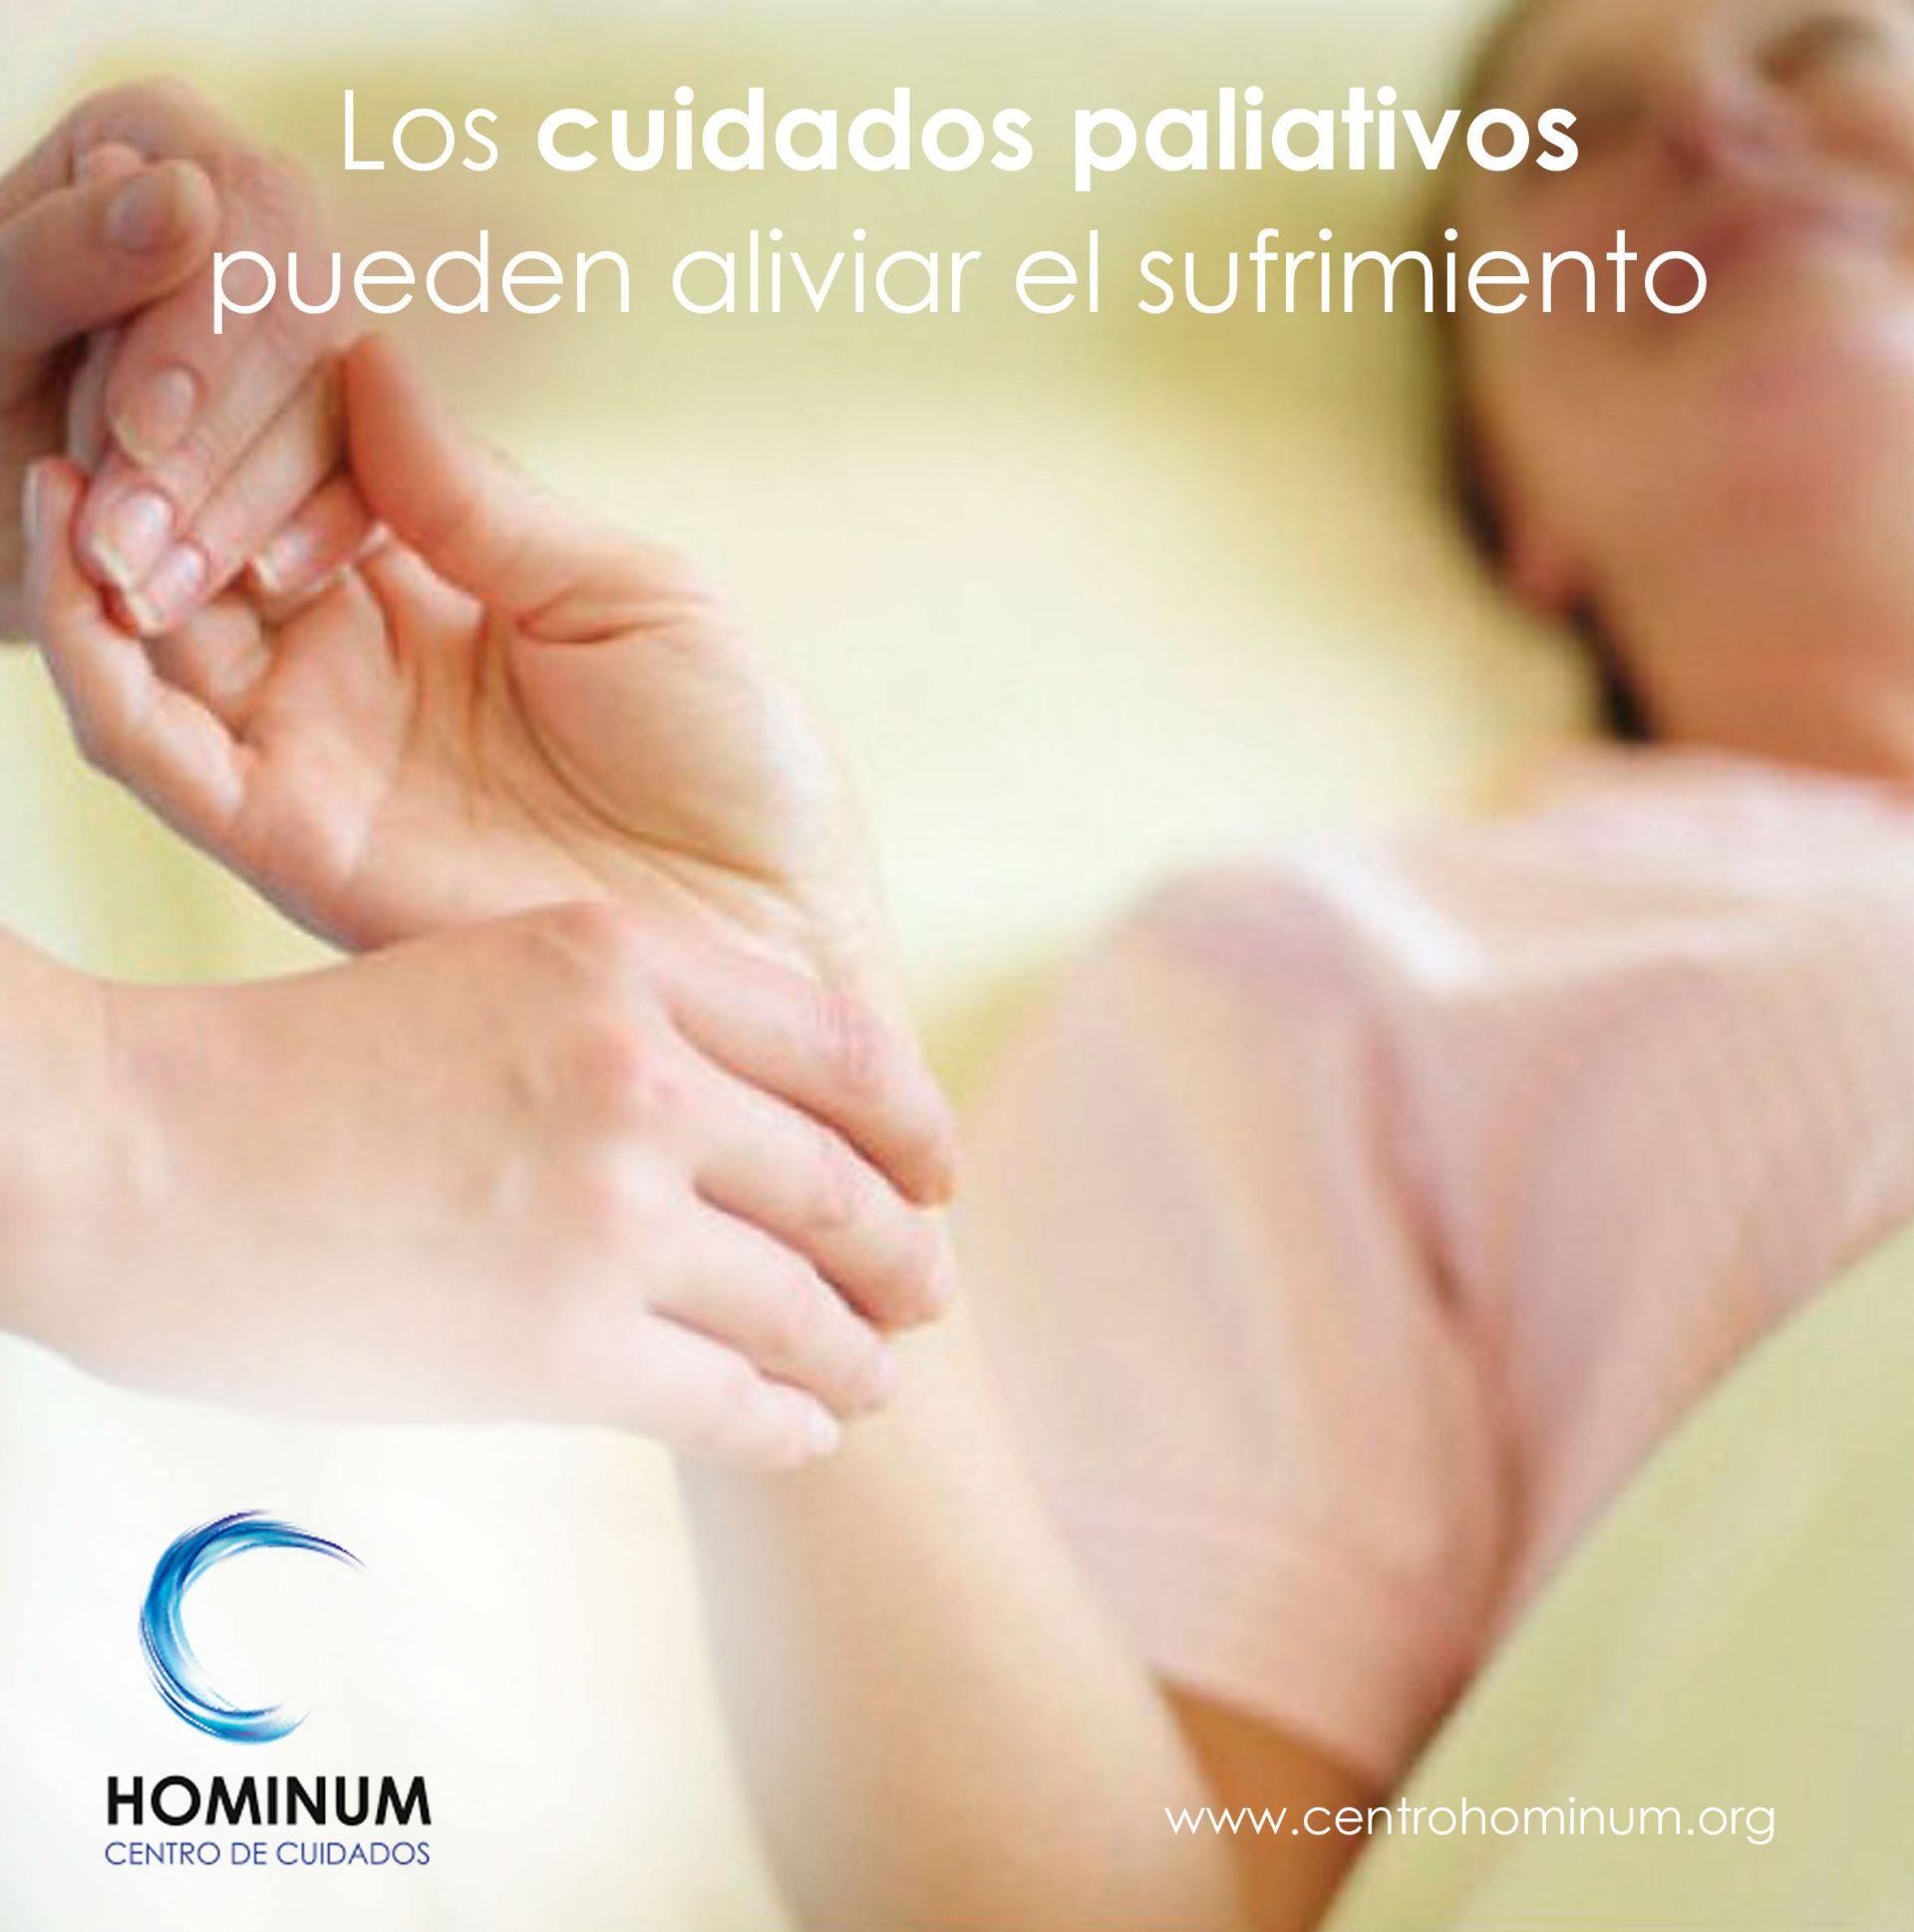 Los cuidados paliativos pueden aliviar el sufrimiento